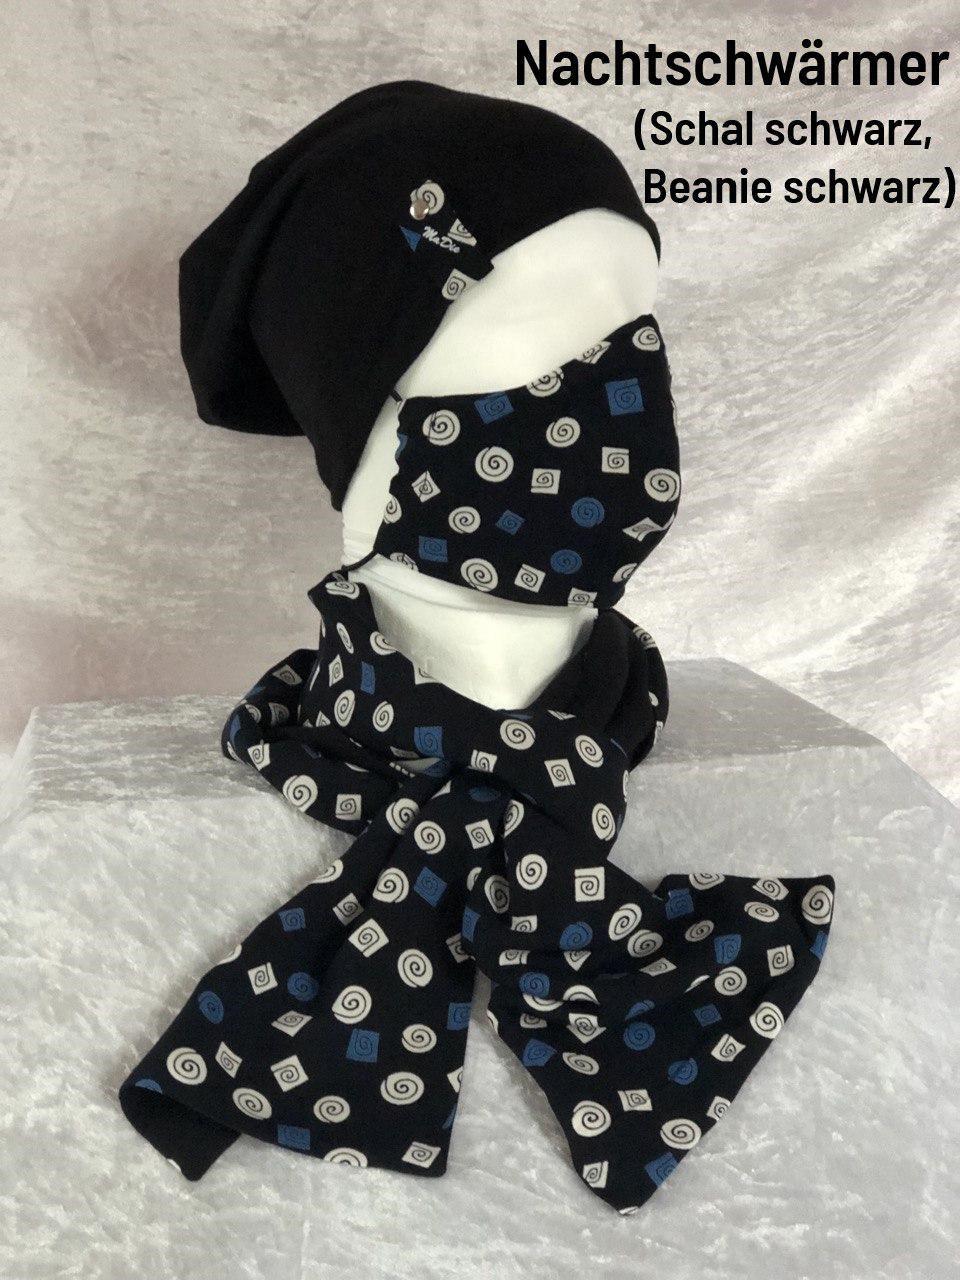 G - Maske + Schal + Beanie schwarz